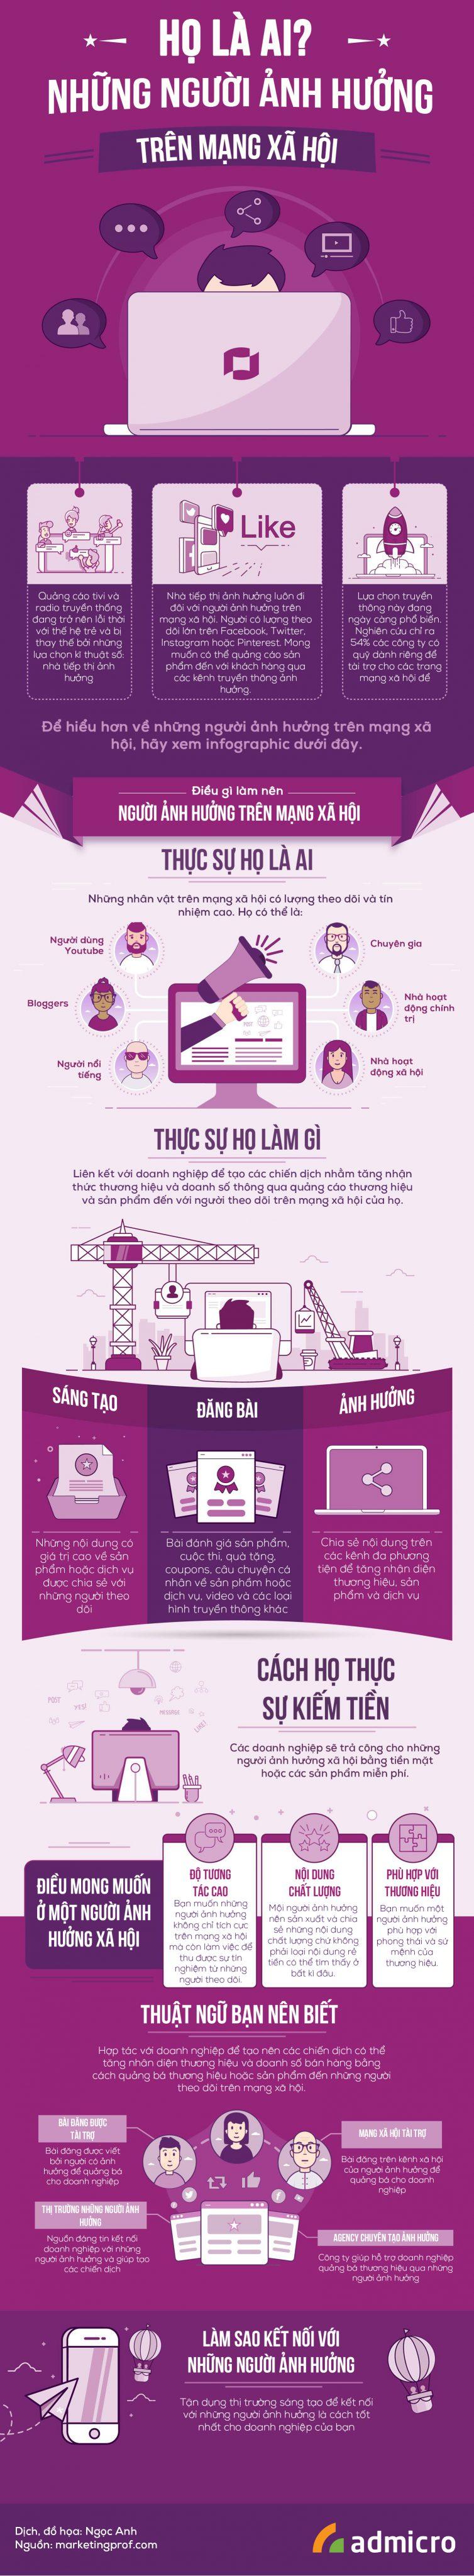 infographic influencer marketing trên mạng xã hội